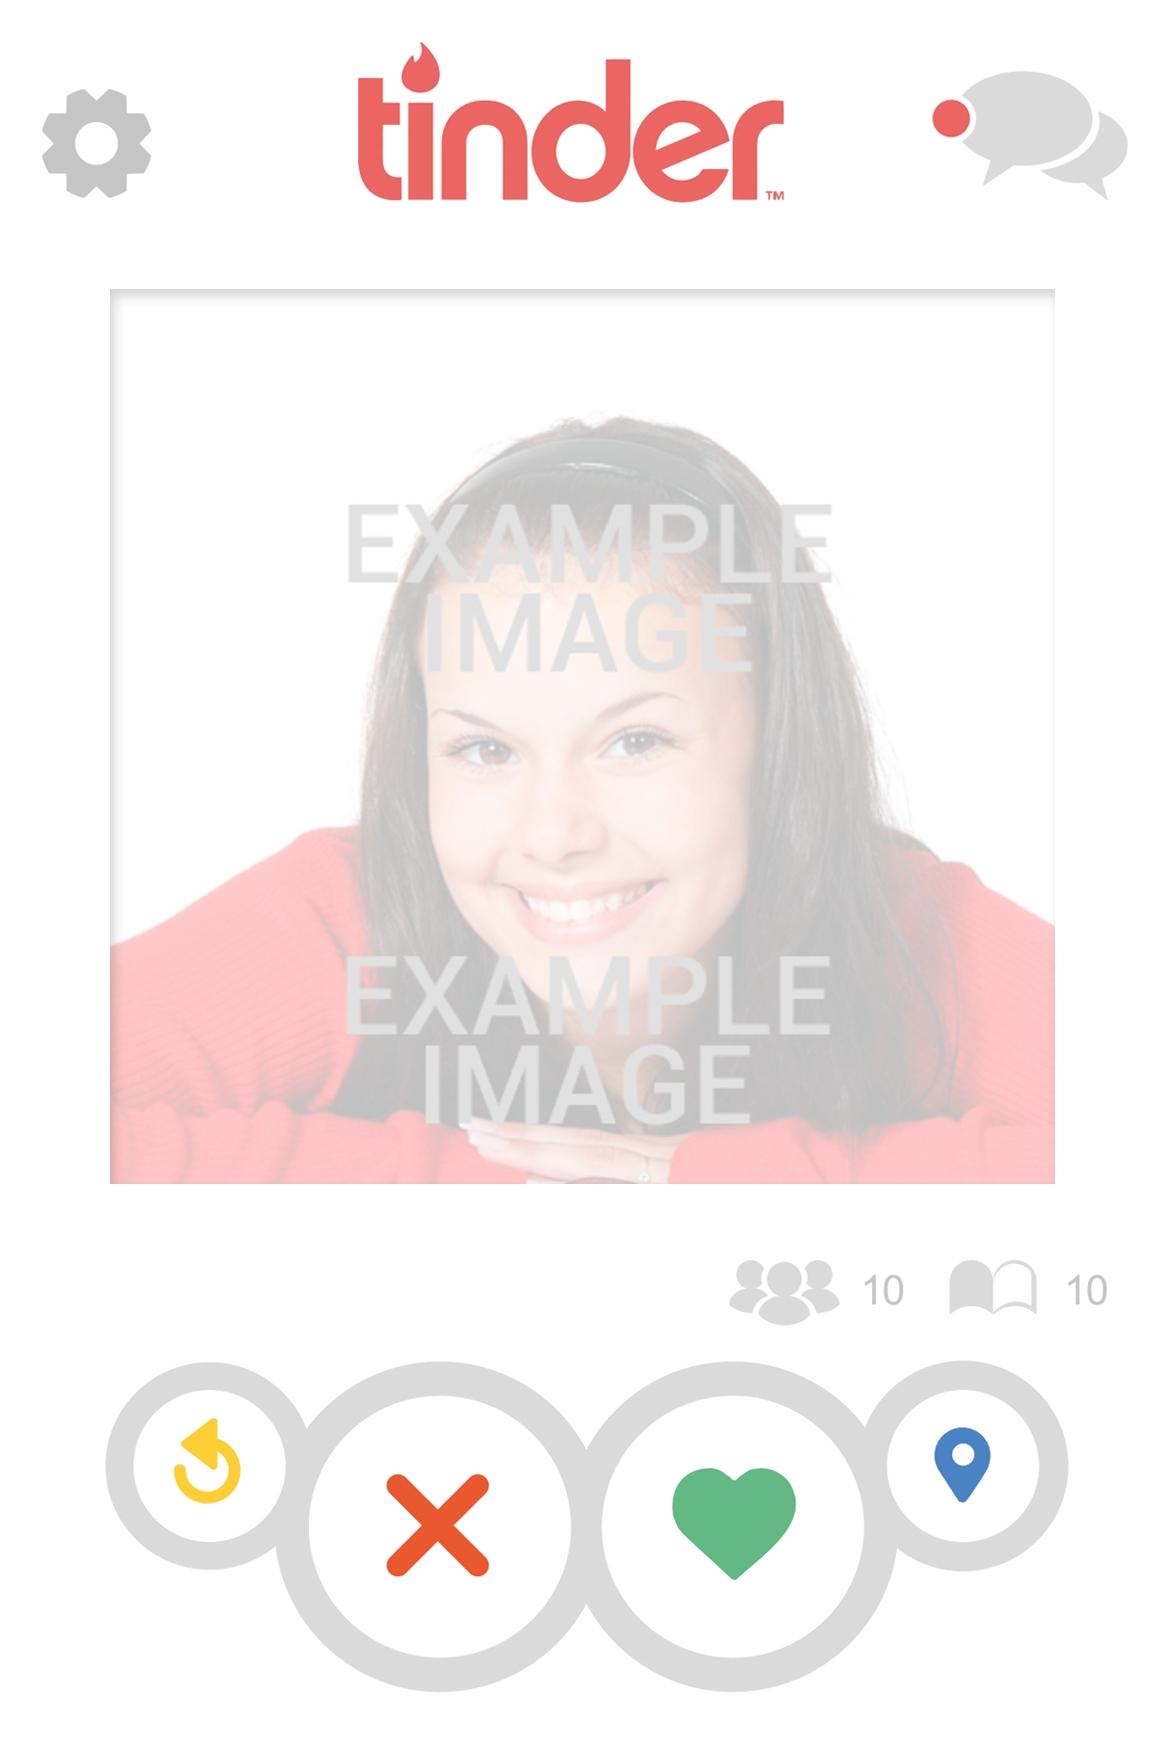 Fotomontaje falso de perfil de Tinder